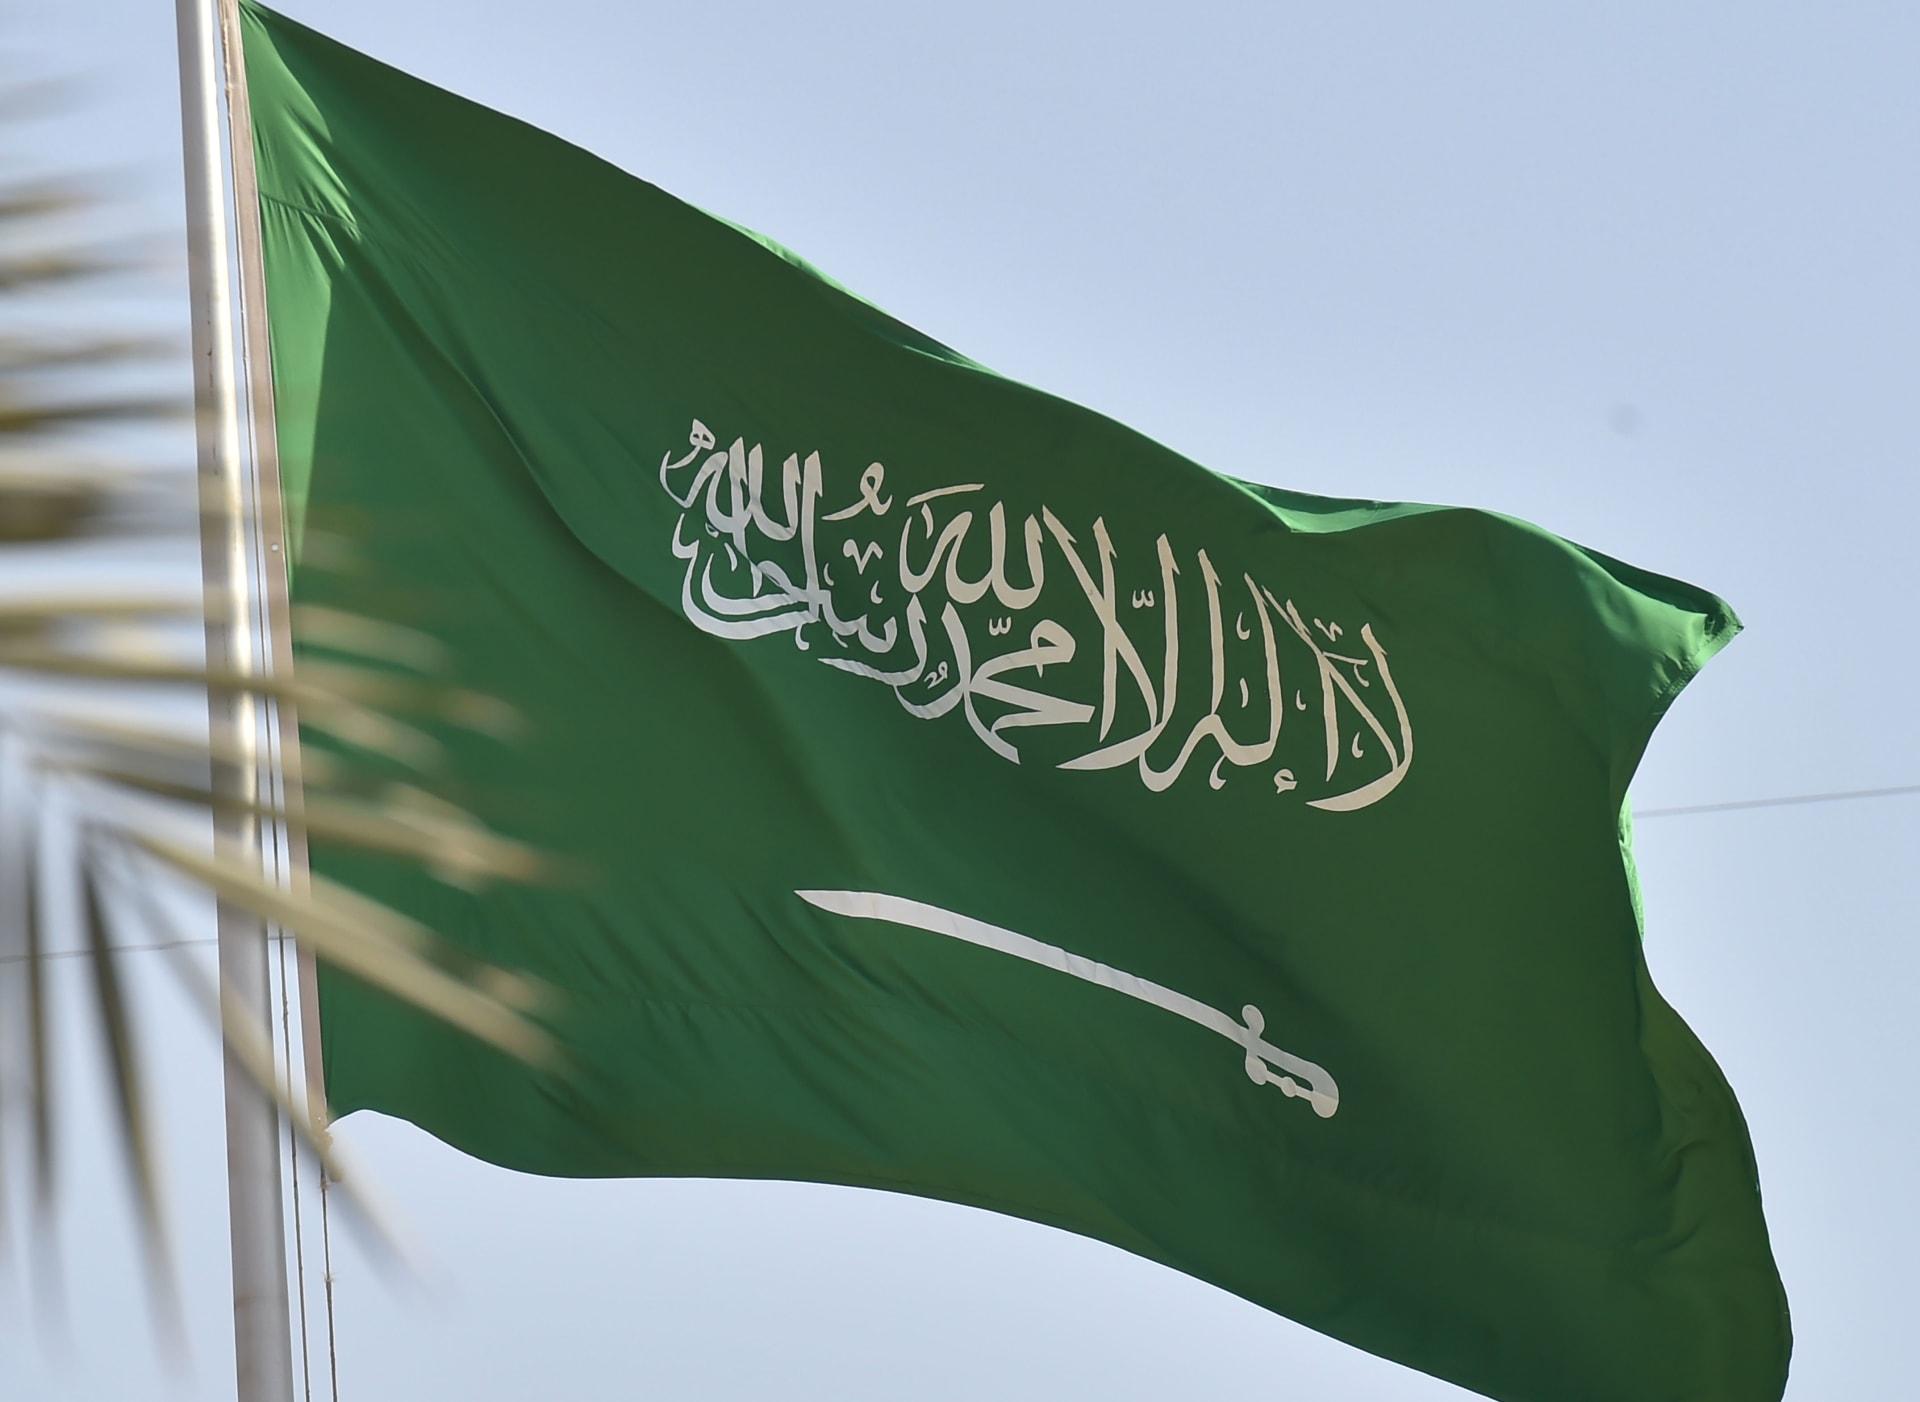 السعودية تزف بشرى سارة عاجلة للمقيمين والوافدين